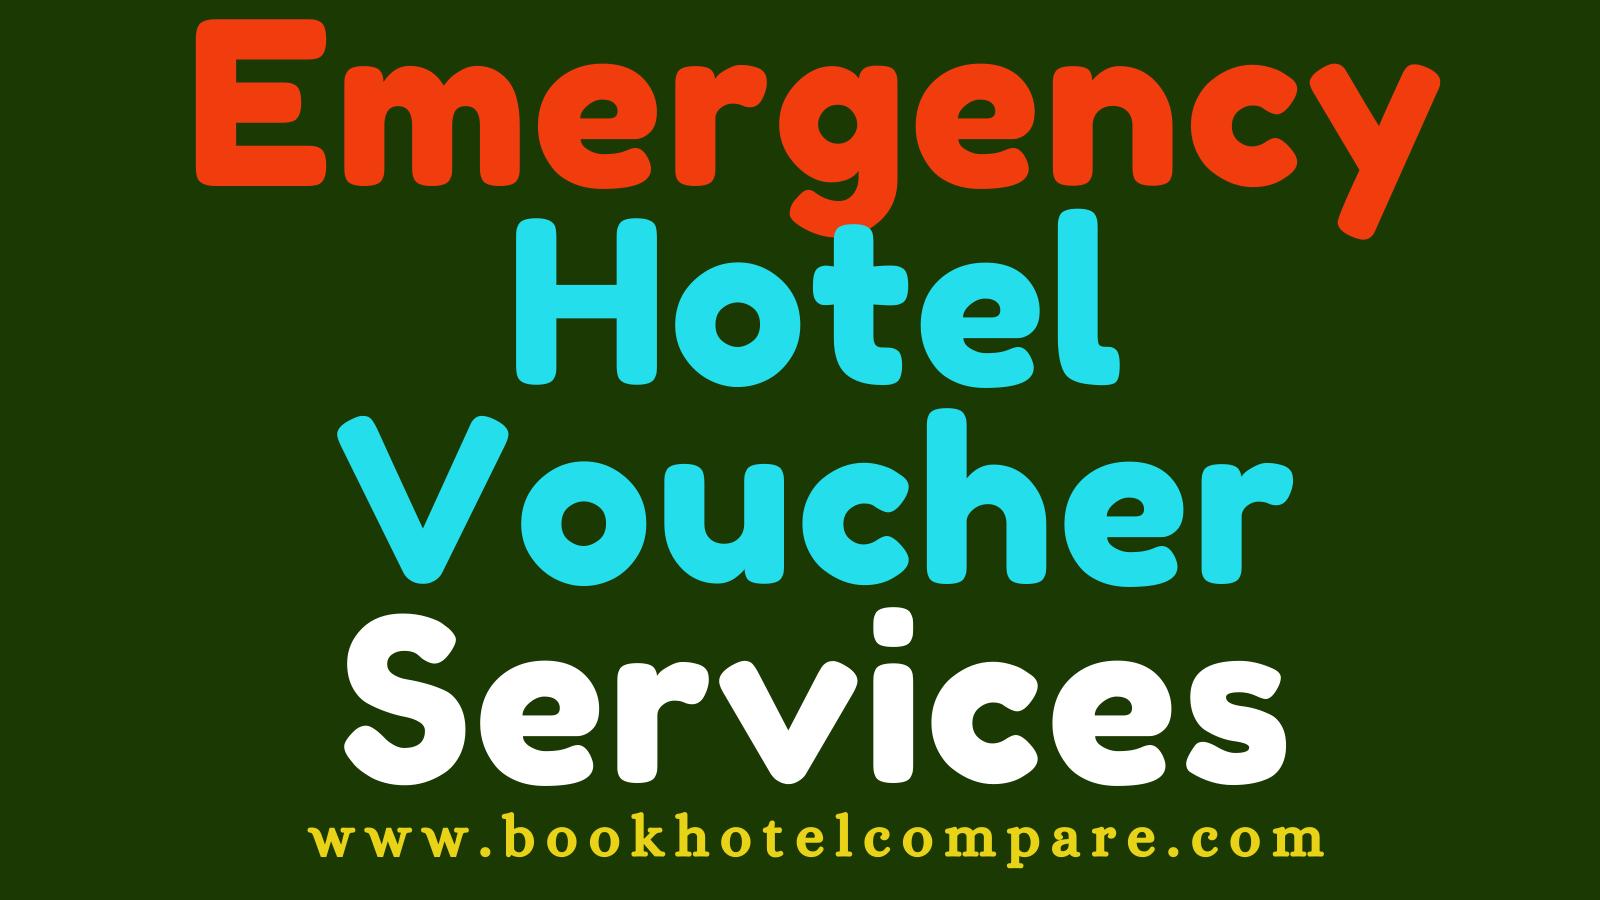 Emergency Hotel Vouchers Online Program For Homeless Book Hotel Online Book Cheap Hotels Online Programs